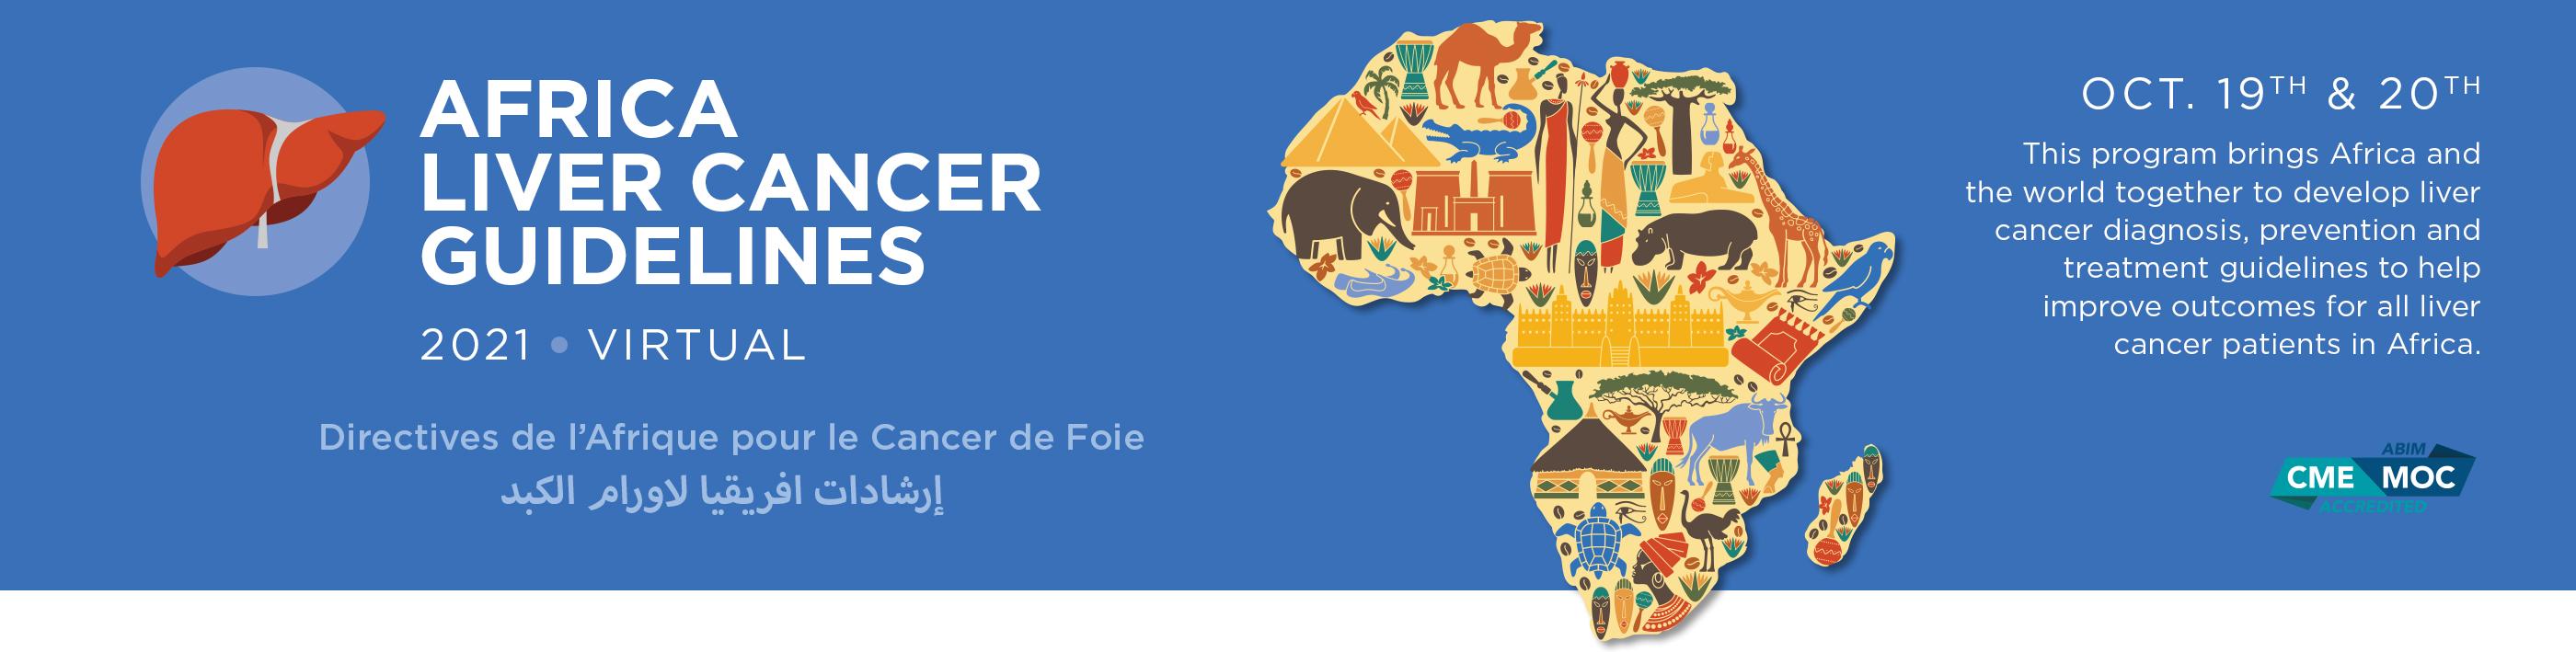 Africa Liver Cancer Guidelines Banner